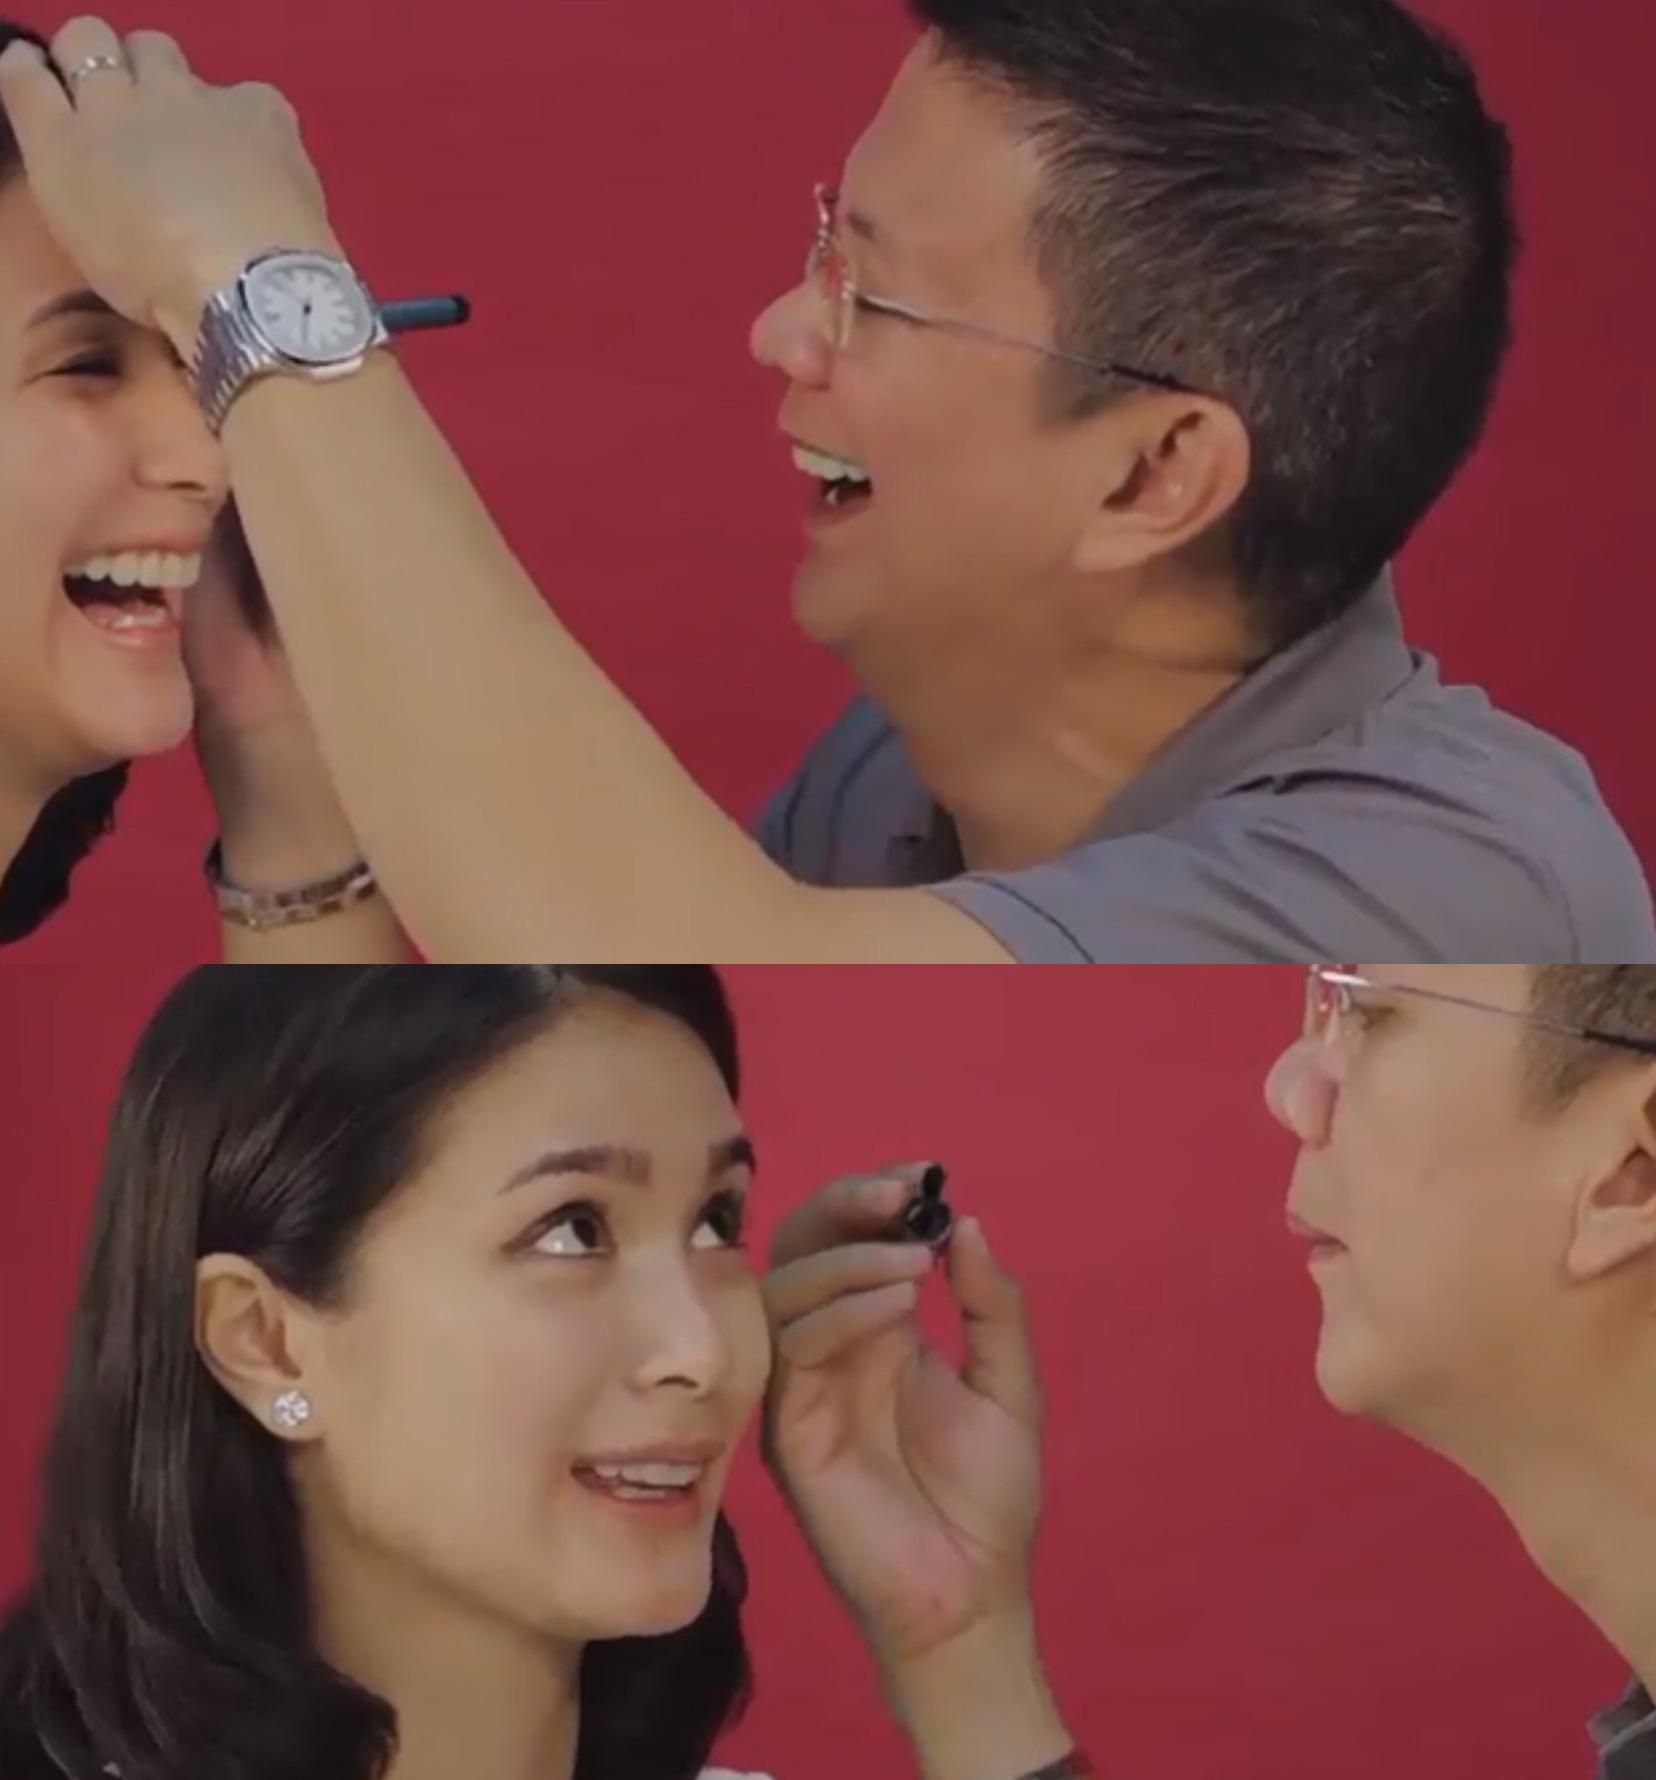 07851ff7b94 Senator Chiz Escudero Quitting Politics To Pursue New Career As Makeup  Artist